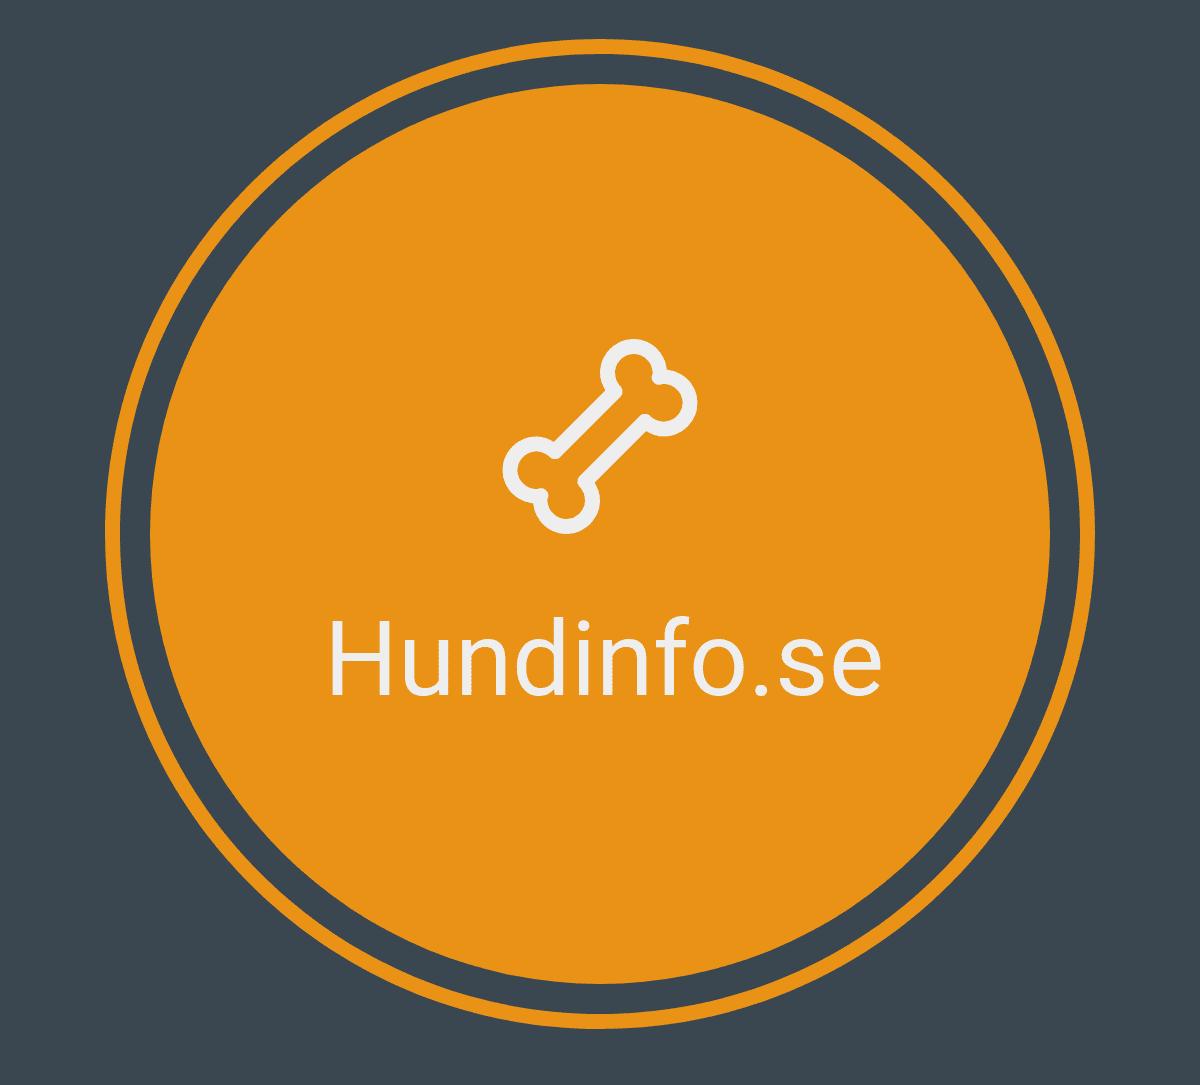 Hundinfo.se